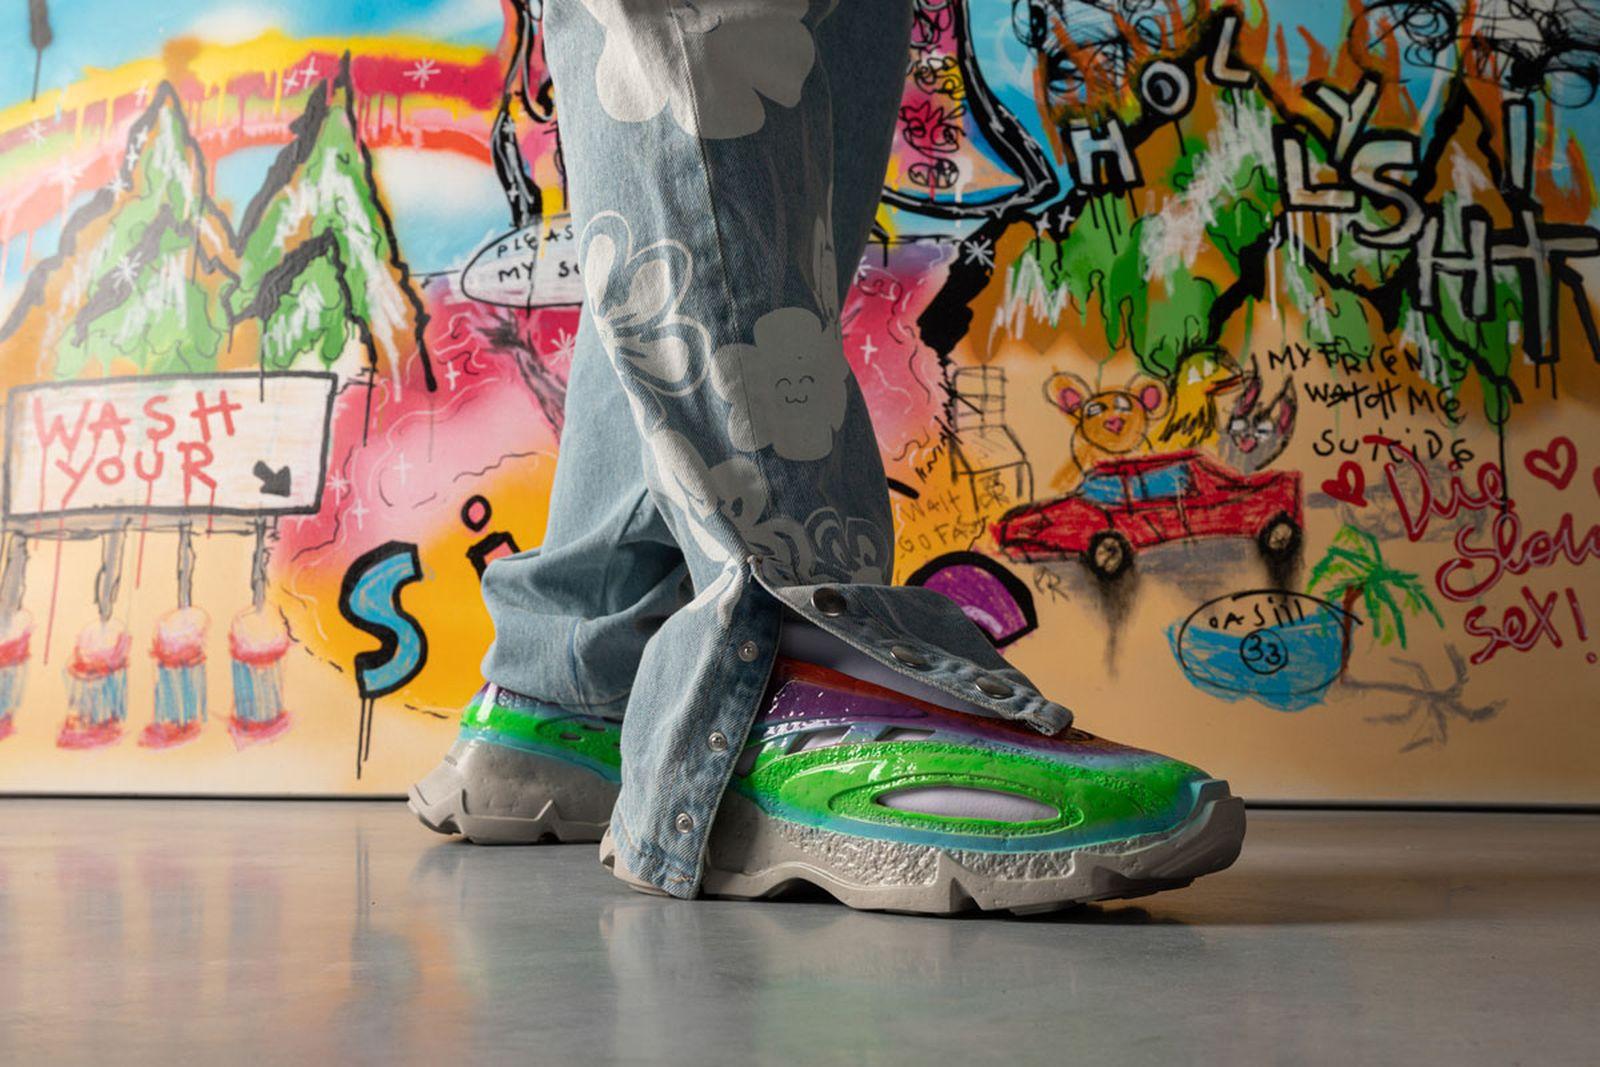 ral7000studios-adidas-originals-zx-mutant-21